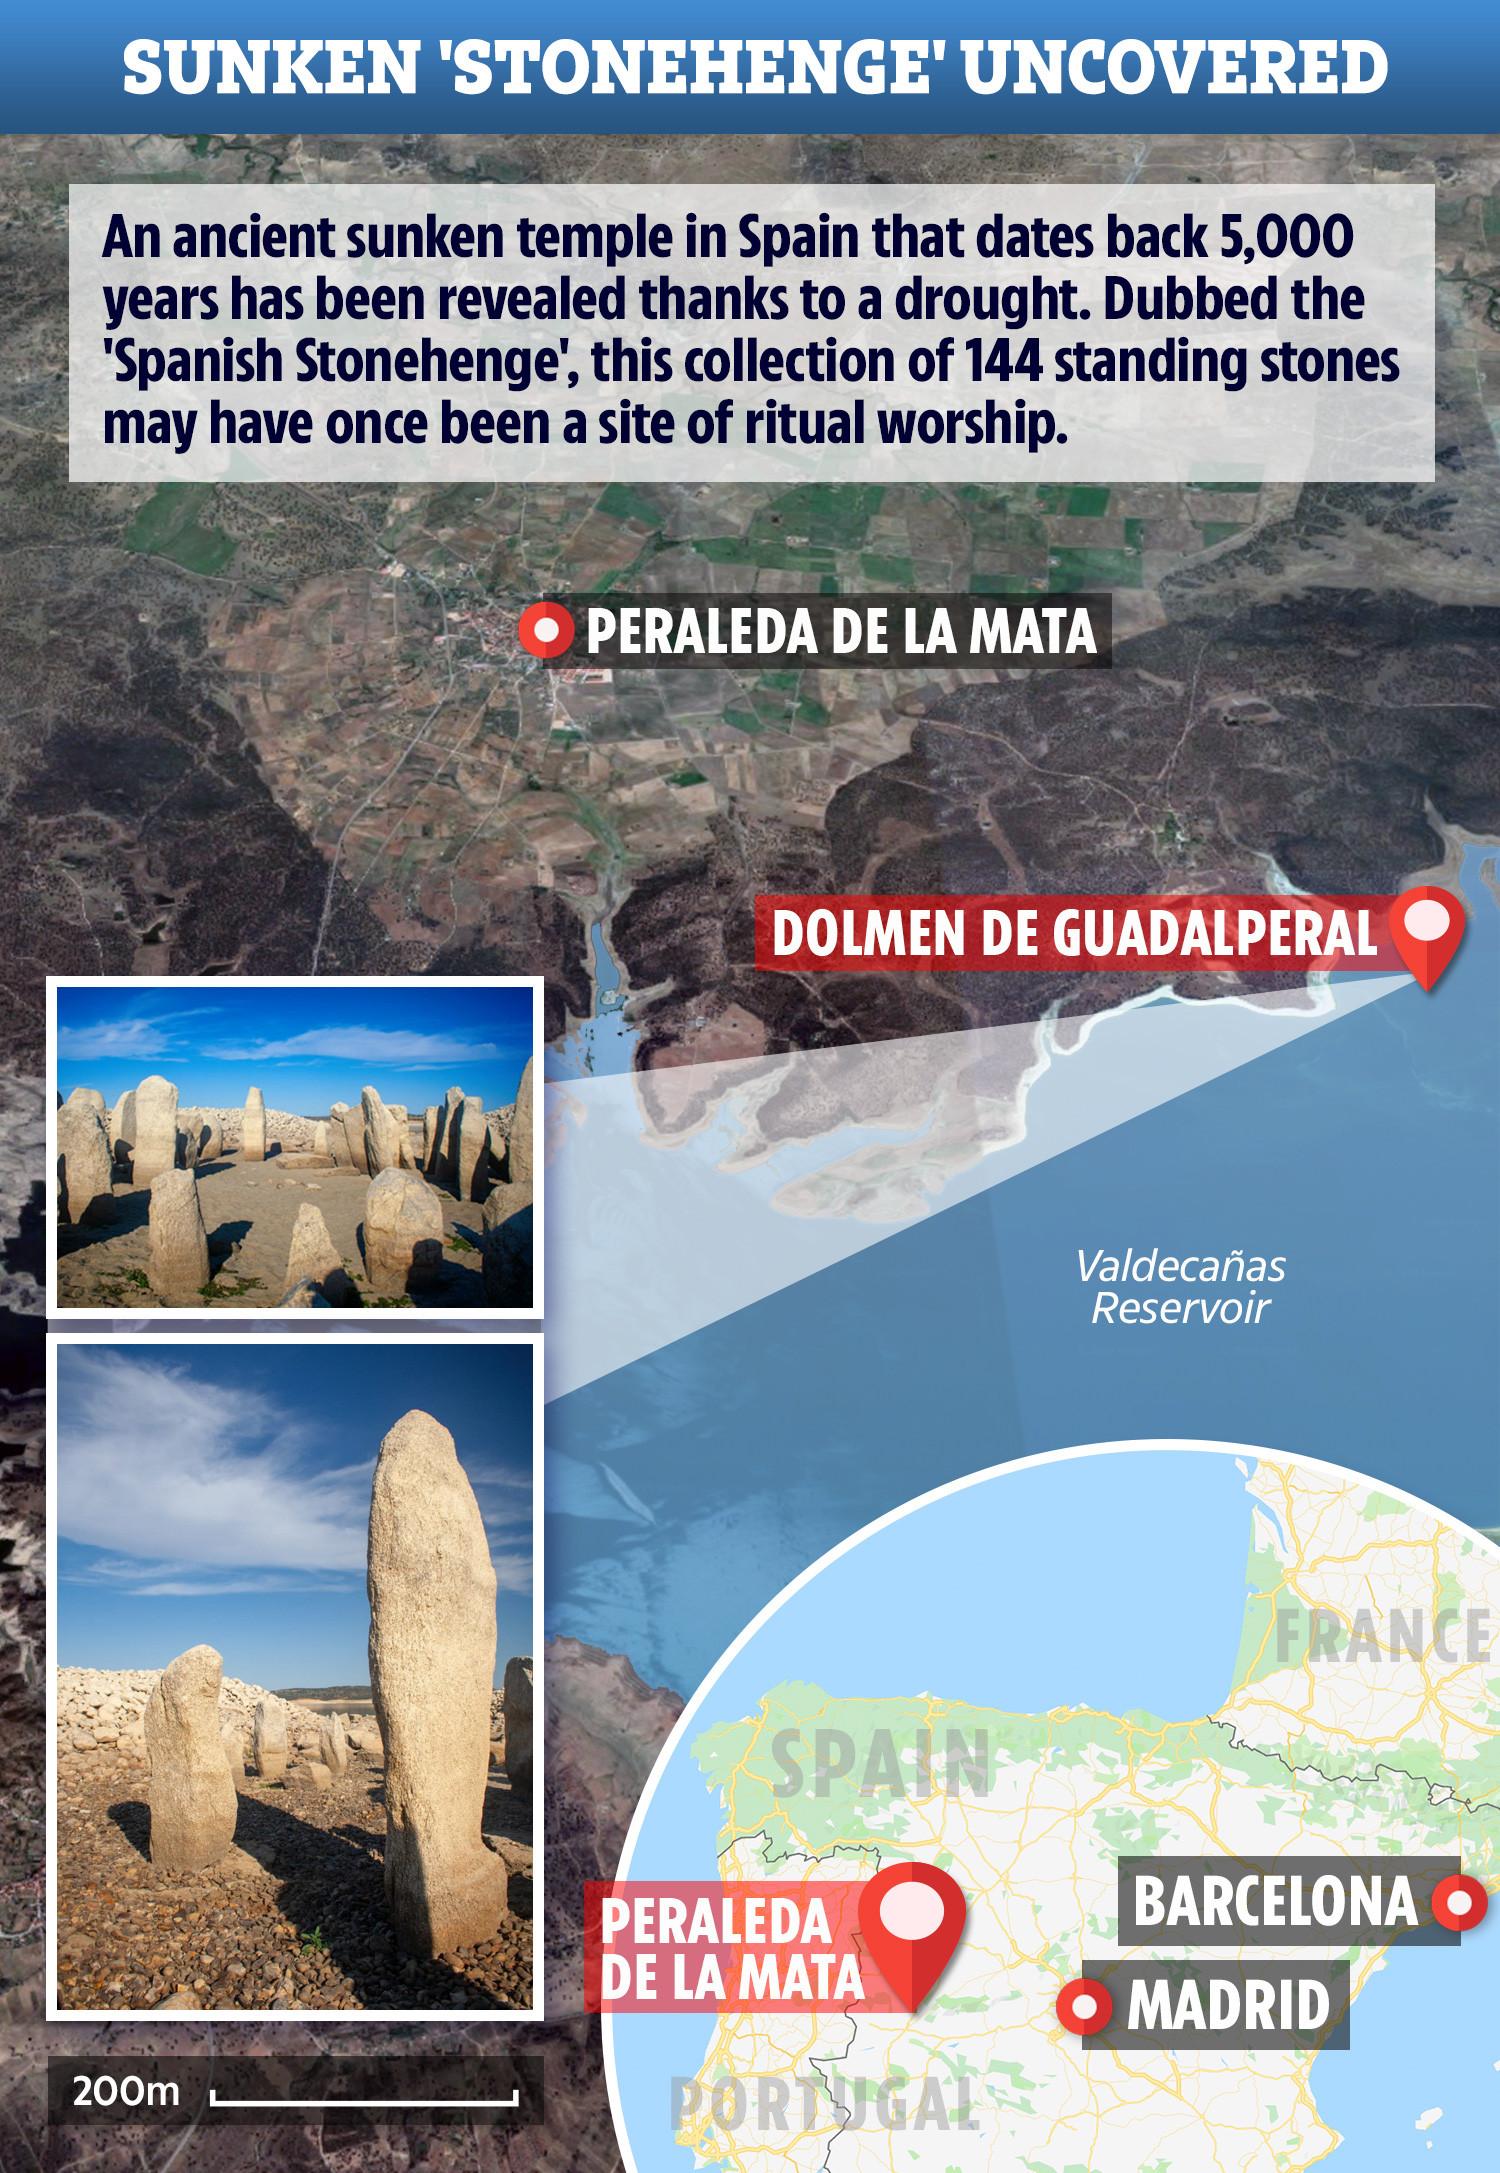 """الغموض الغامض 3000BC المعبد يطلق عليها اسم """"ستونهنج الاسبانية"""" يظهر بعد الجفاف يجف الخزان 1"""